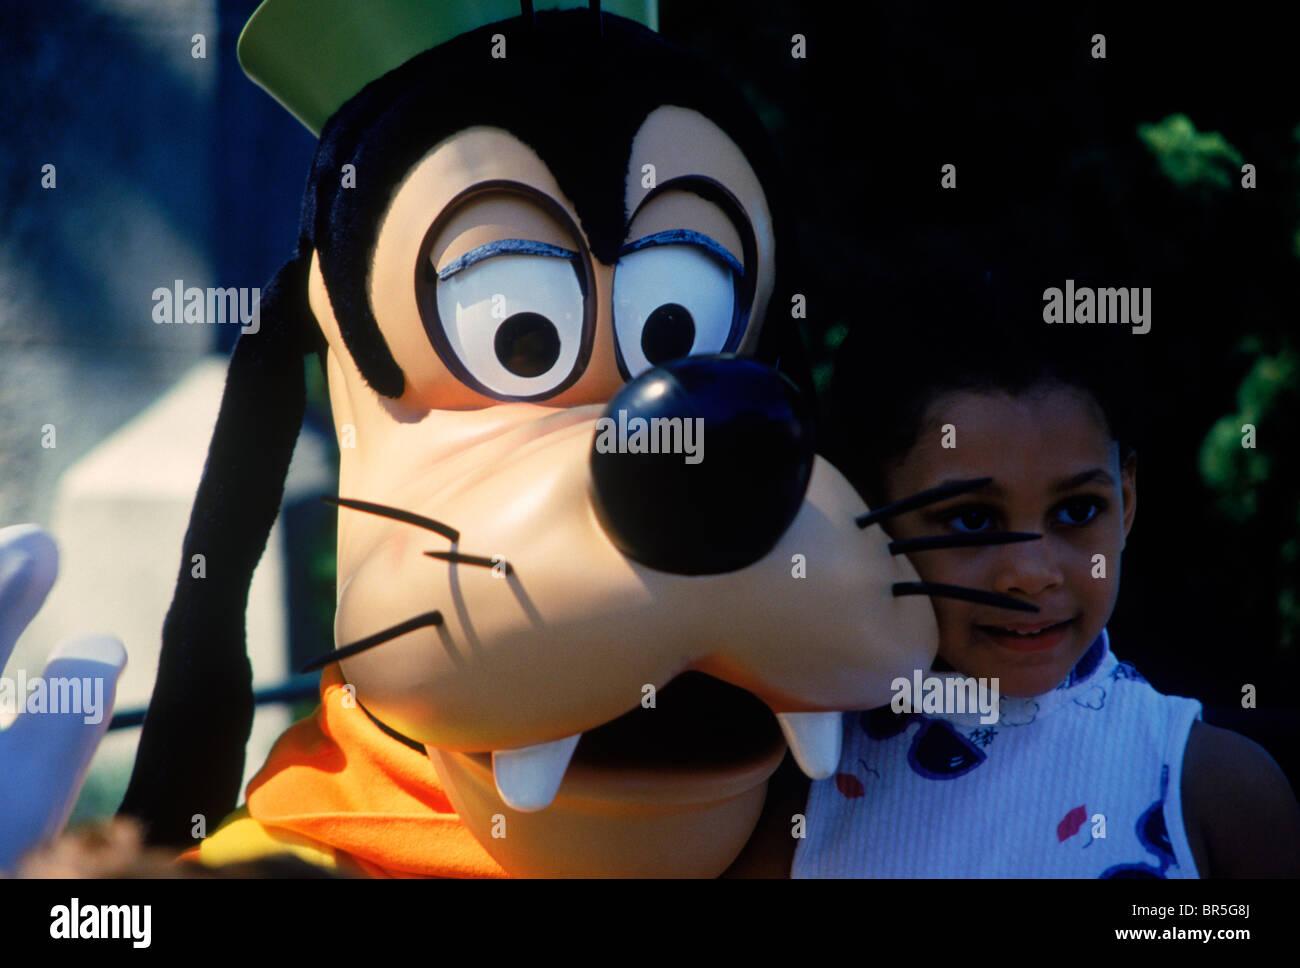 Goofy at Disney World Orlando Florida - Stock Image